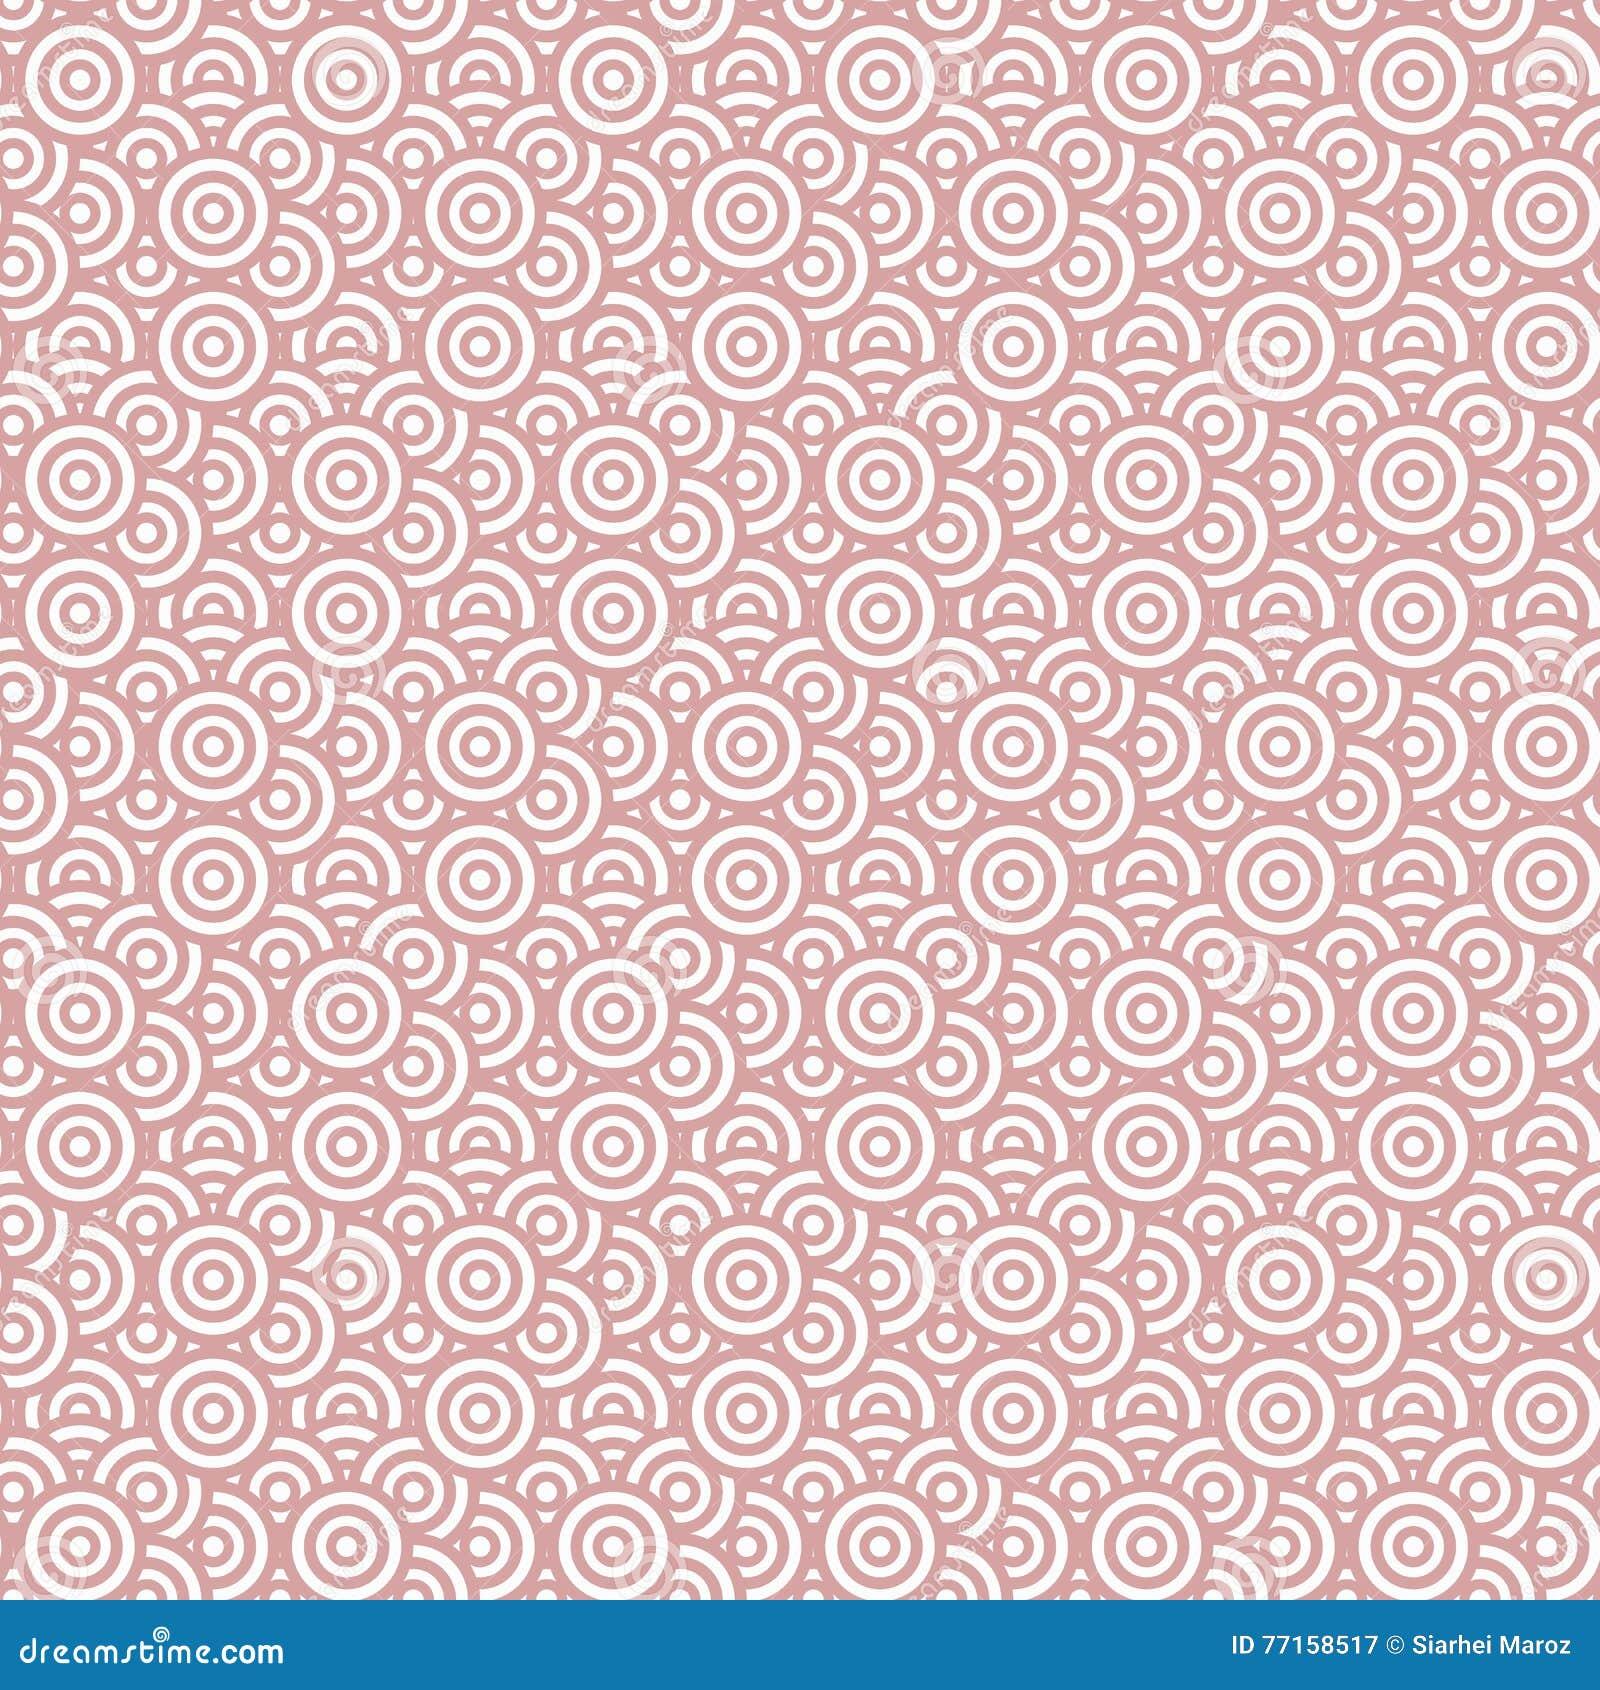 Modèle sans couture de la géométrie avec les cercles concentriques